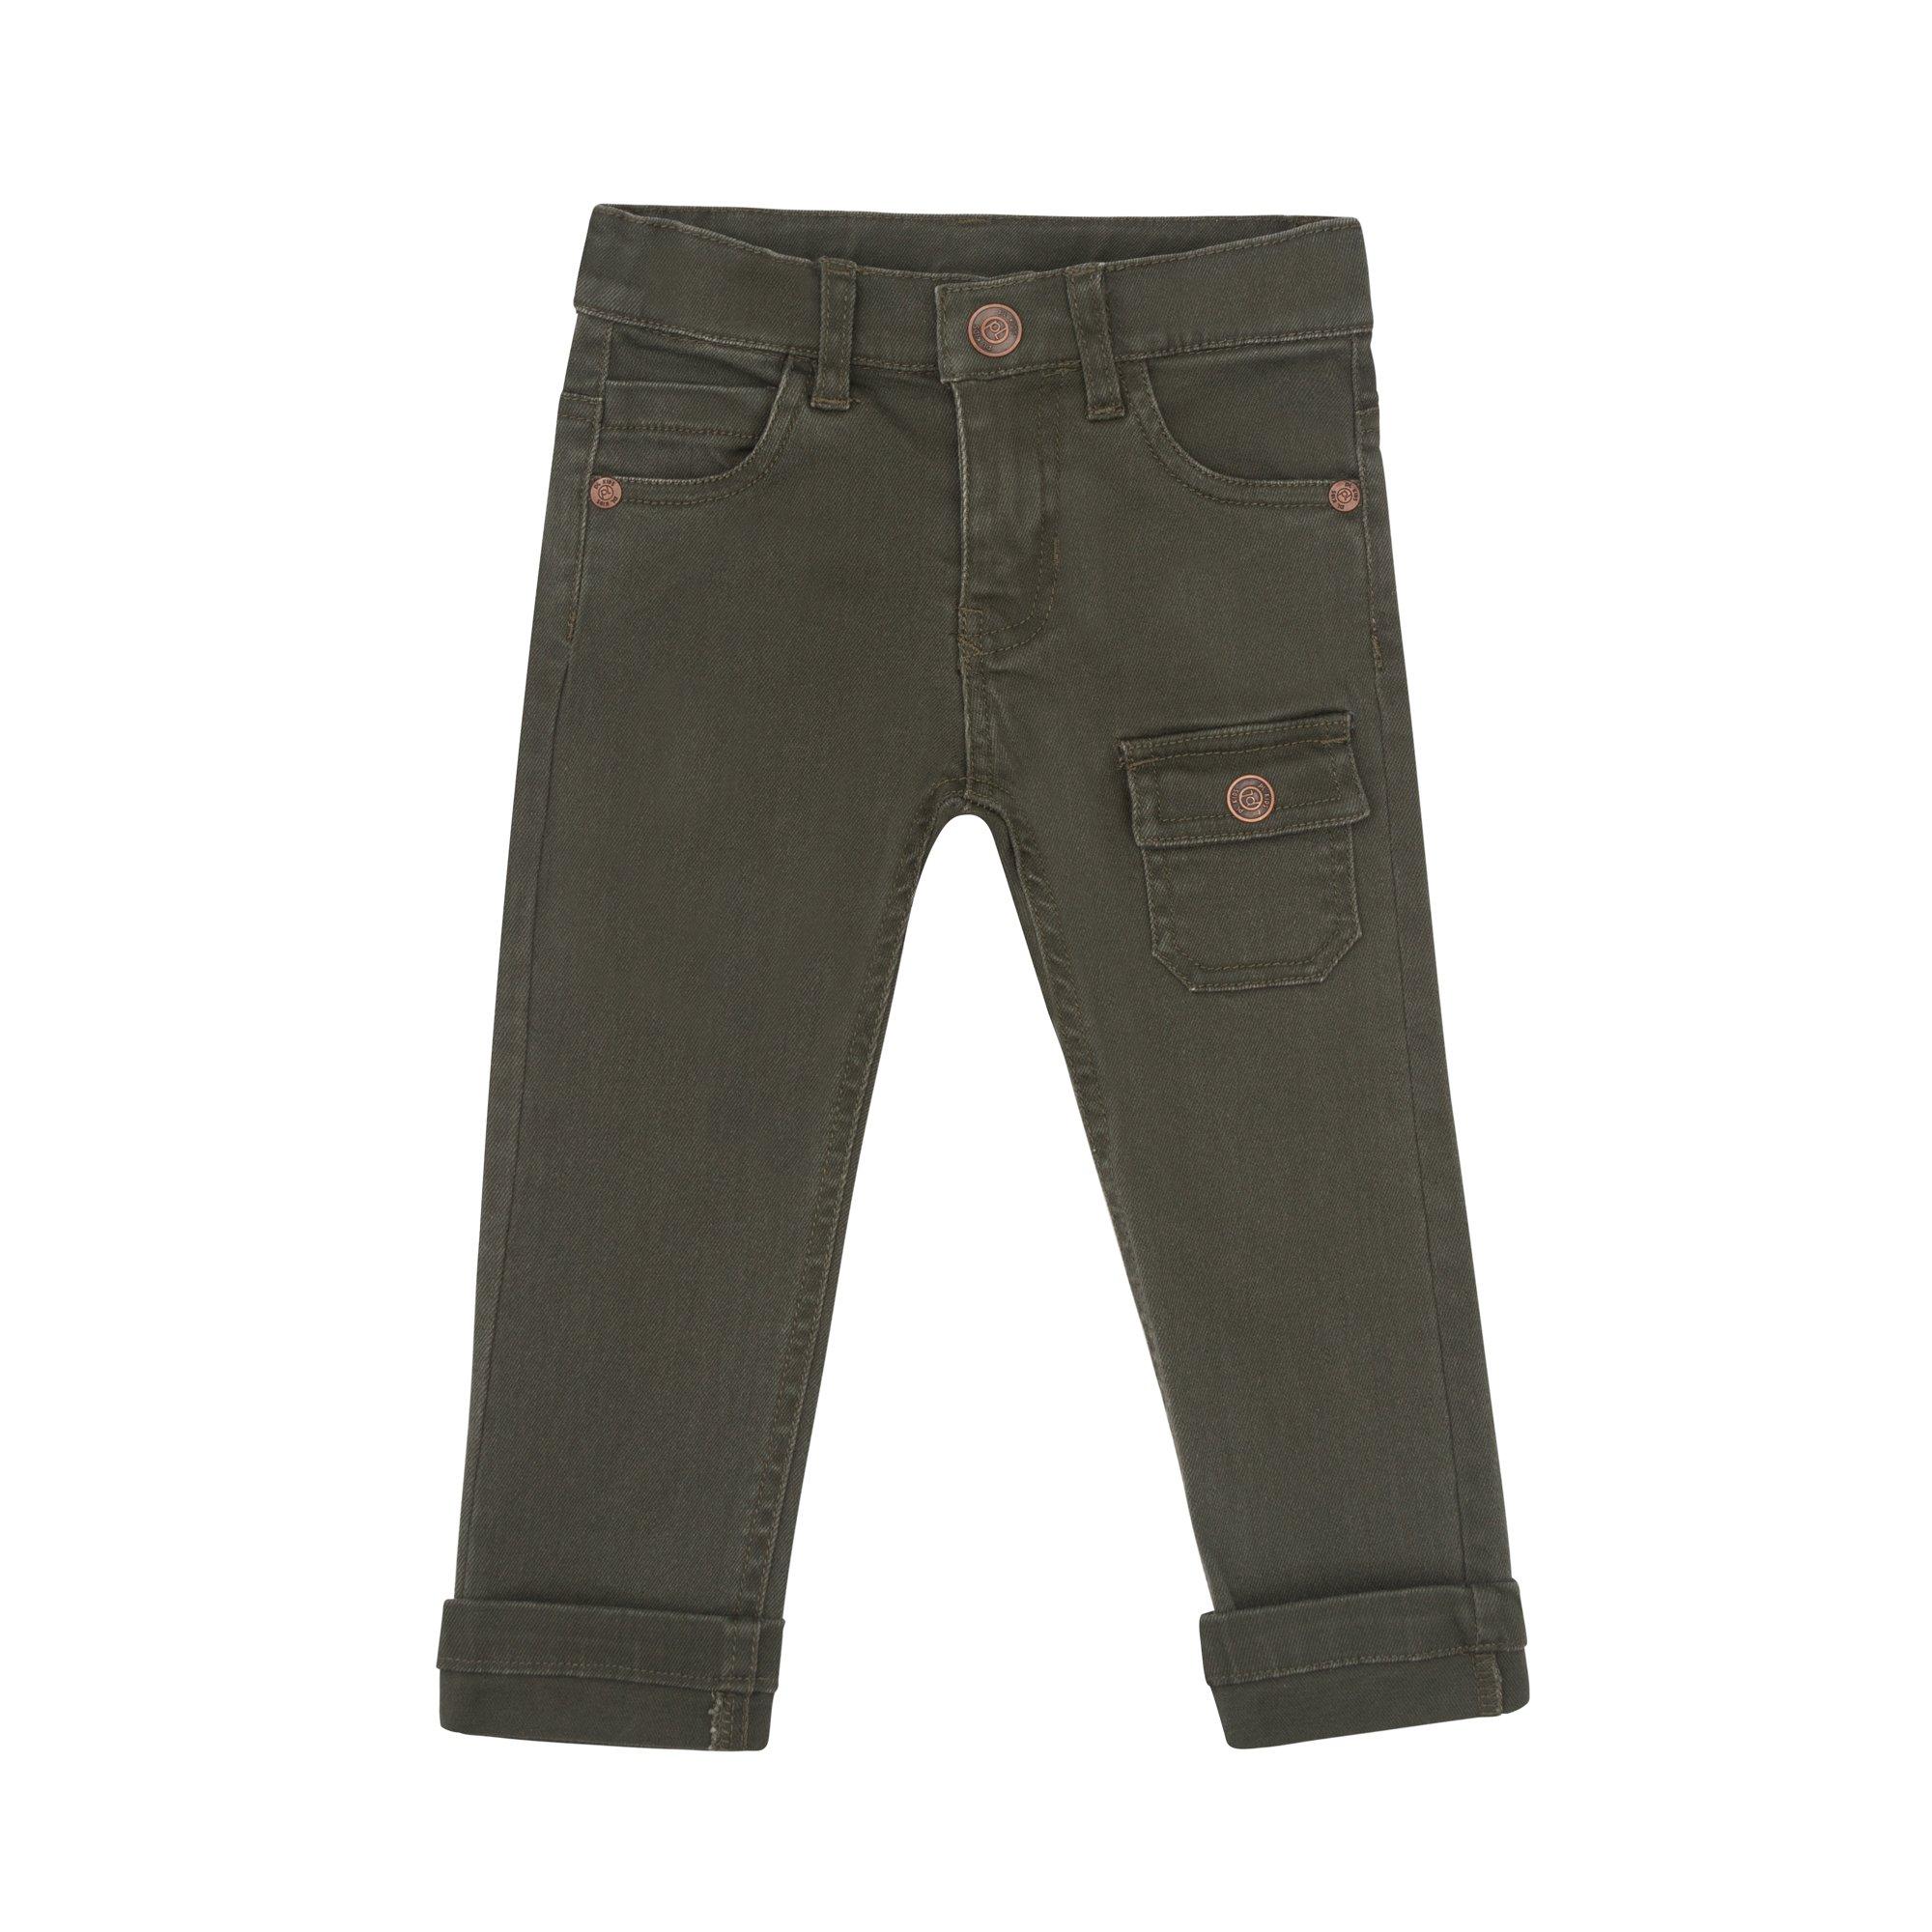 Petit Lem Big Boys' Pants Stylish and Fun, Khaki, 2